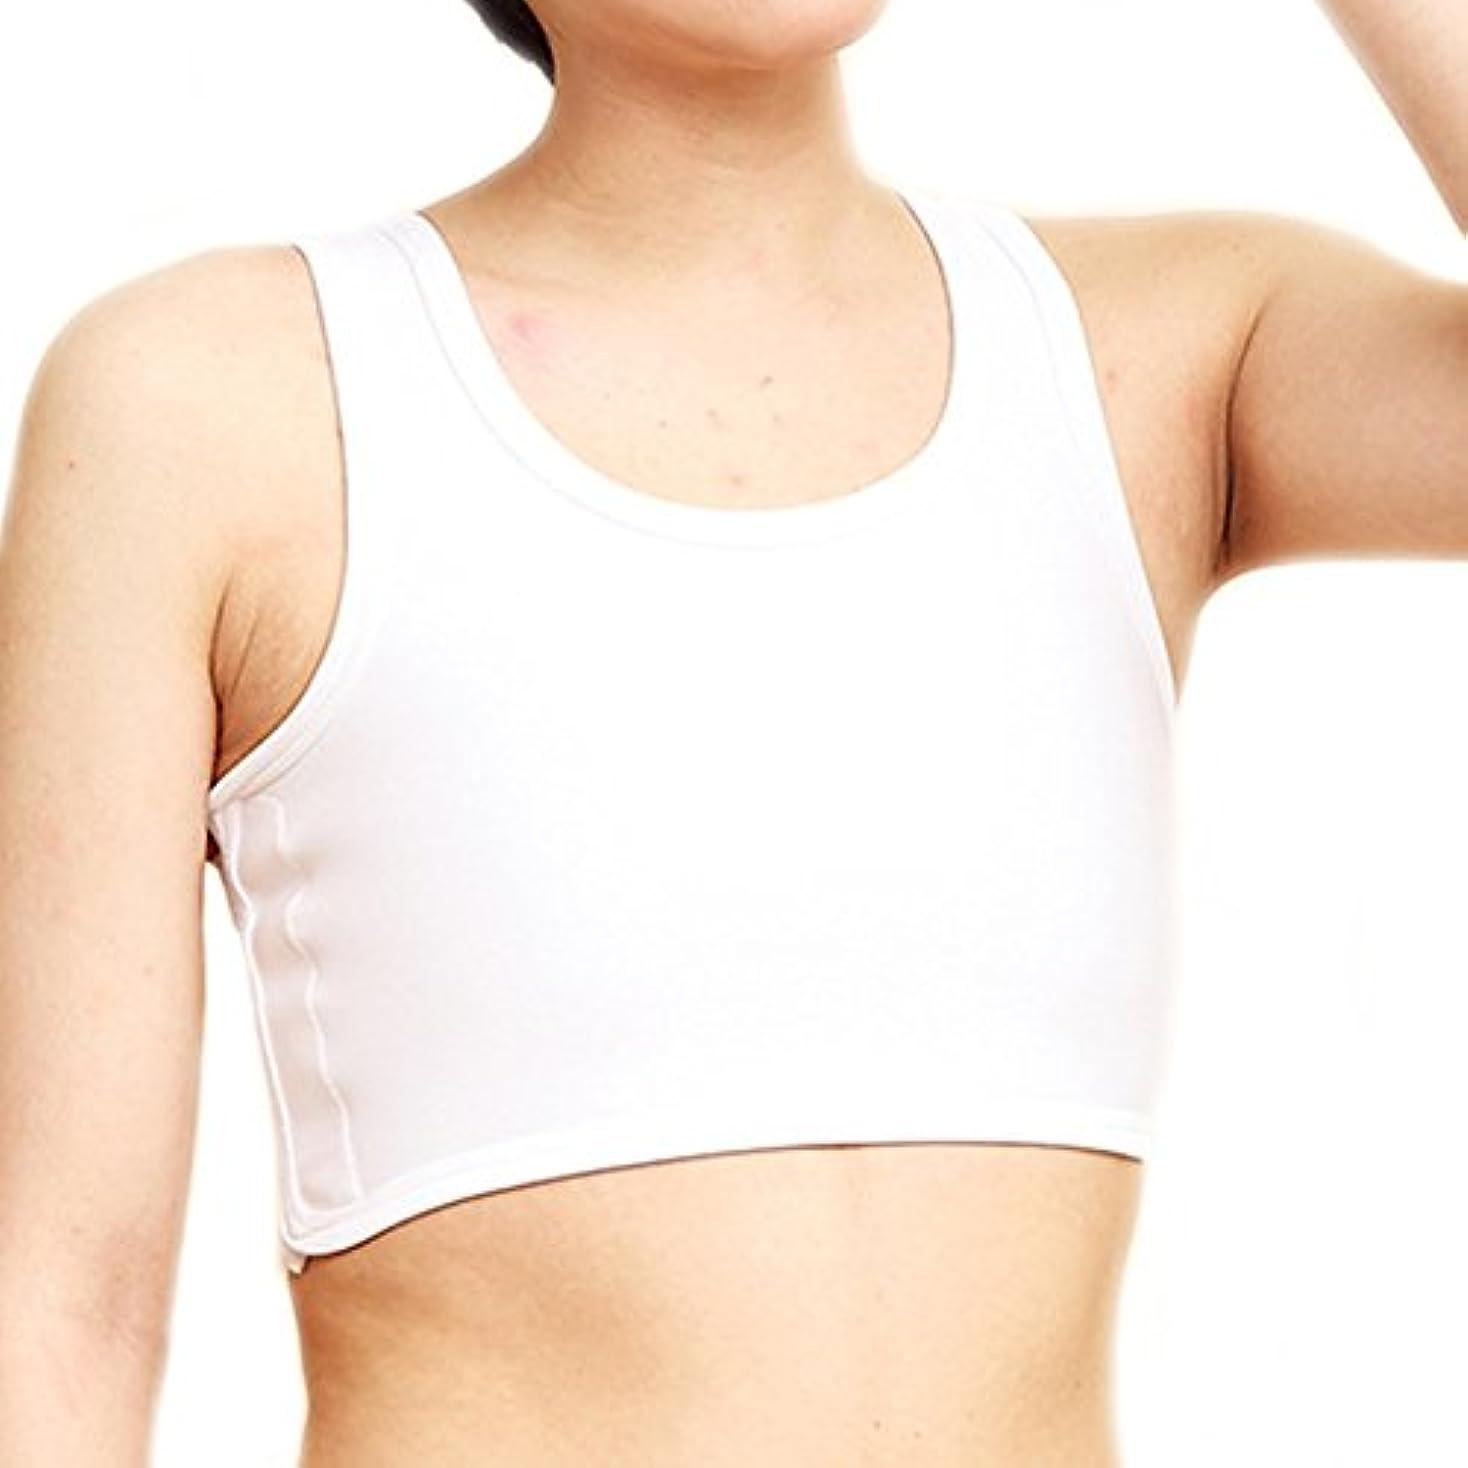 ストレスの多い仲間ブレスBaronHong通気性メッシュ胸部バインダーベルクロコルセットスポーツブラジャーTomboyトランスレズビアン(白、M)